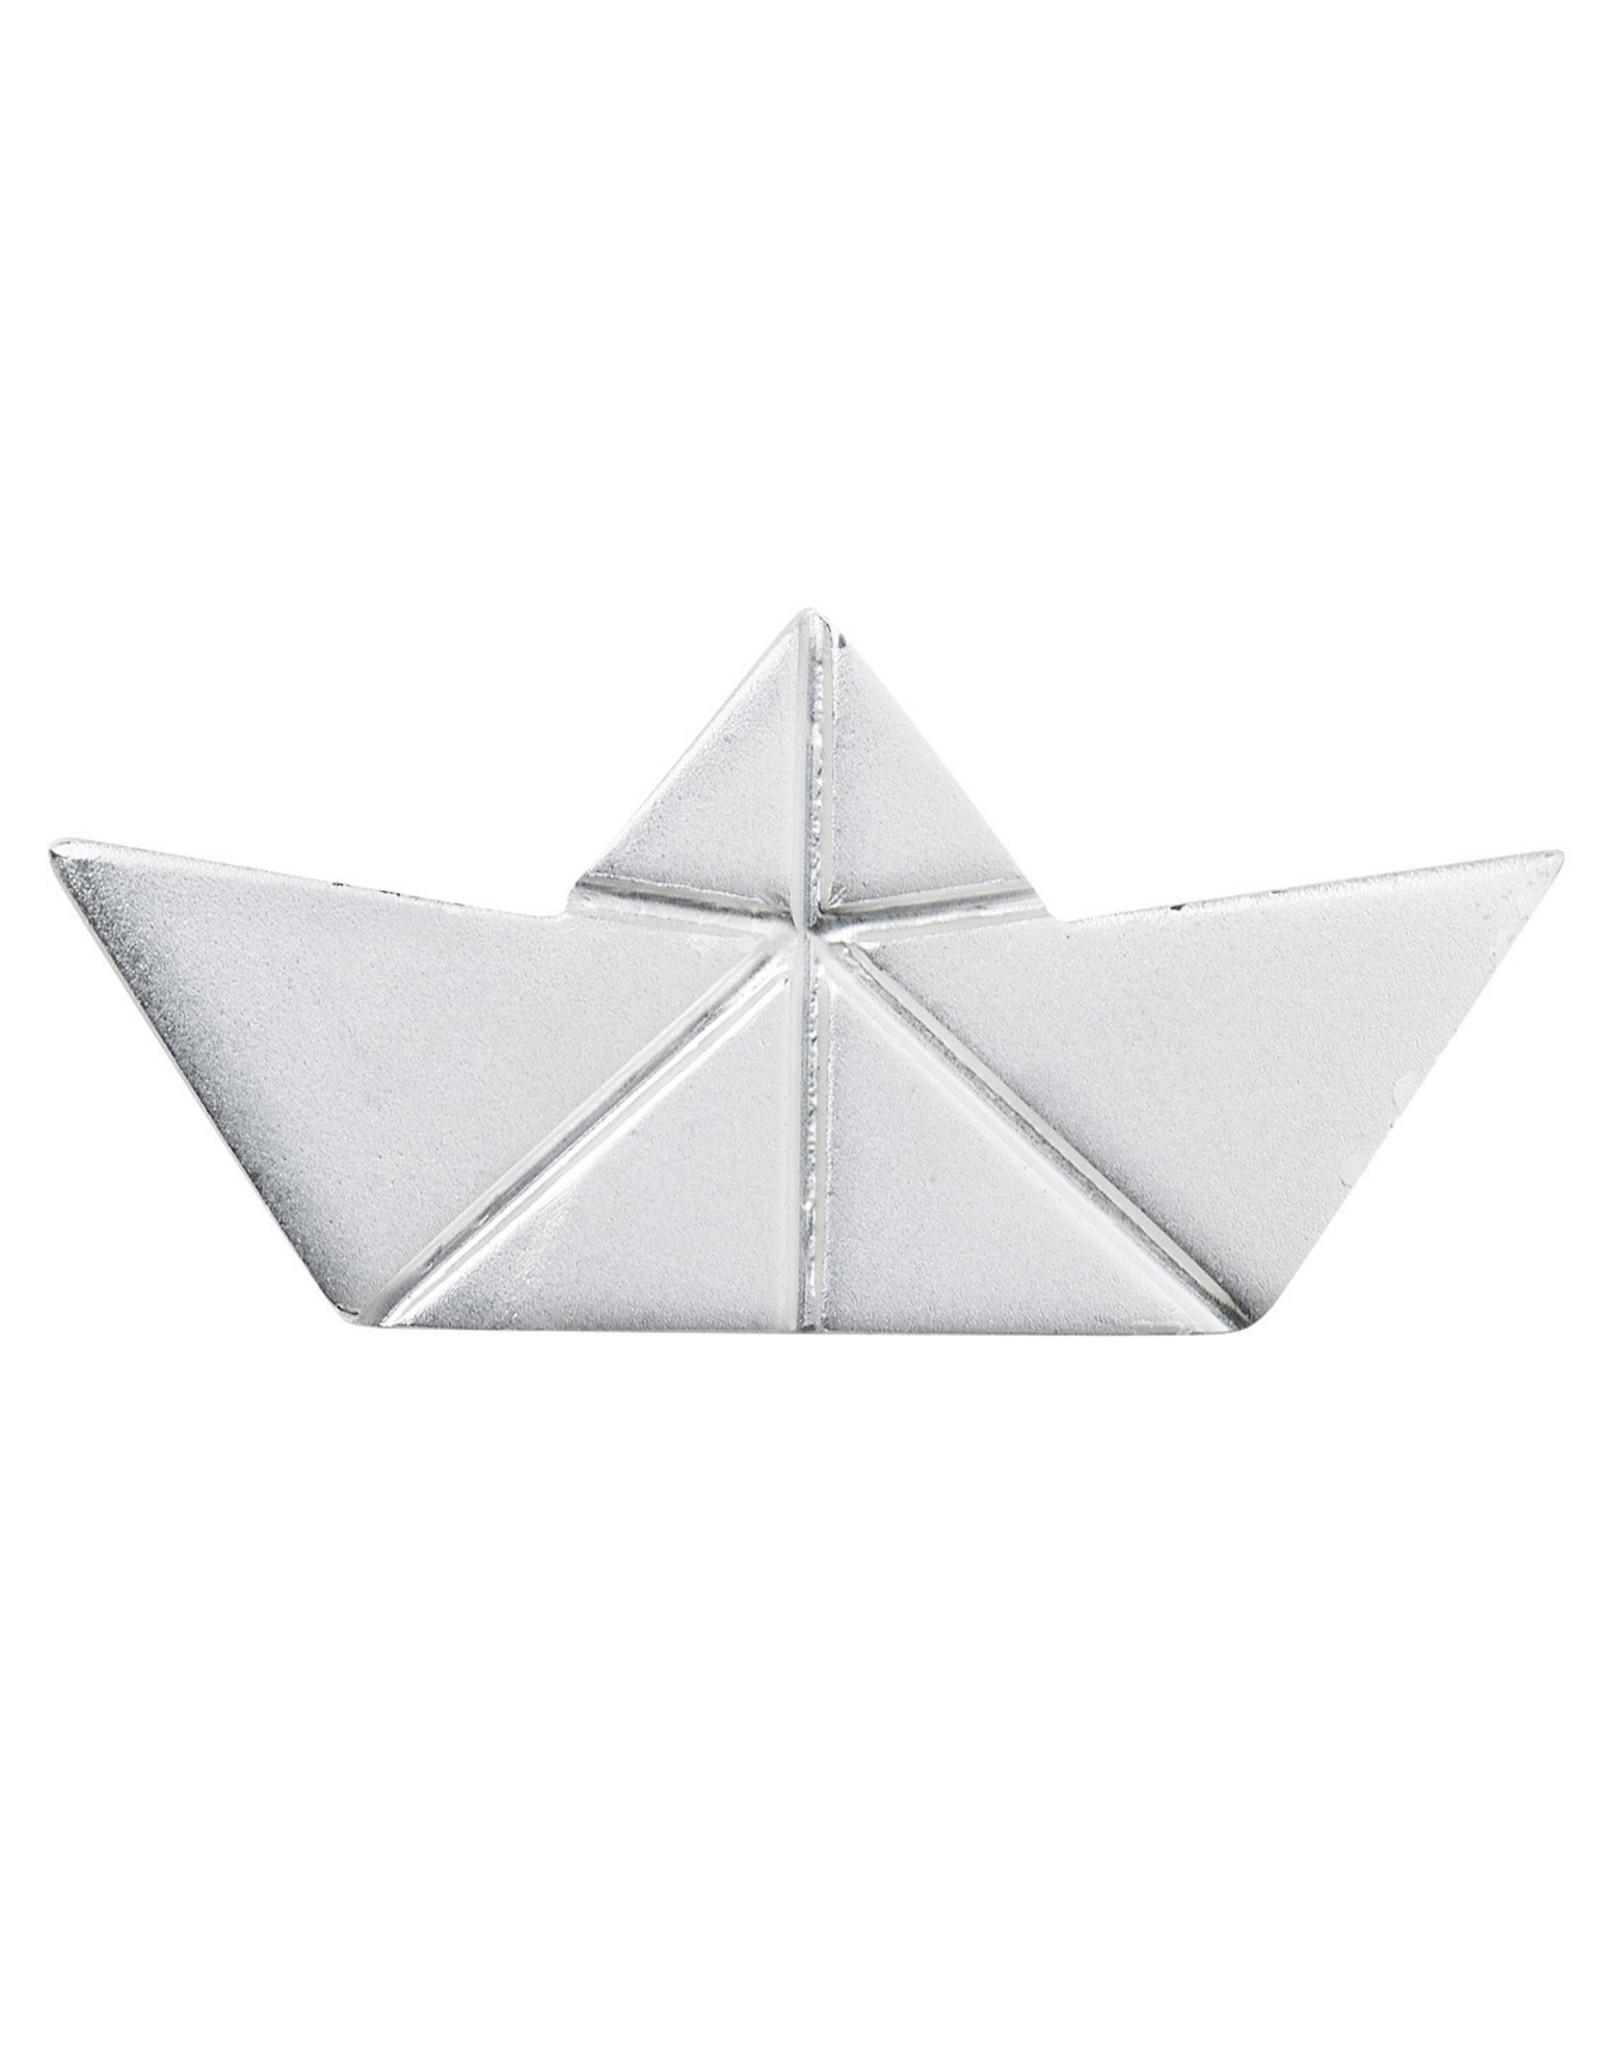 Raeder Borche Origami bootje - Zilver - 25 x 12mm